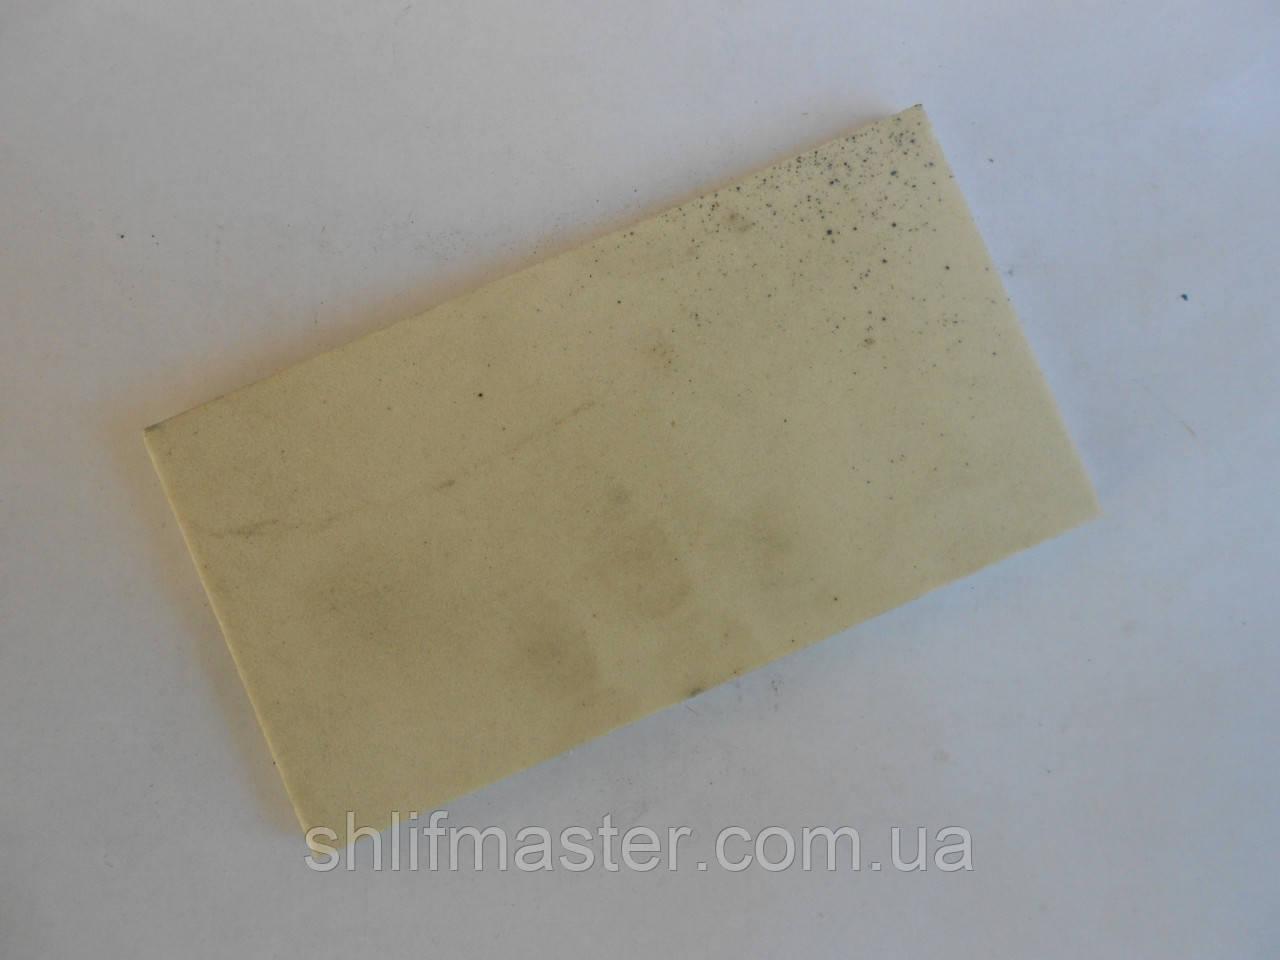 Брусок заточной абразивный 25А (электрокорунд белый) БП 100х40х16 12 СМ